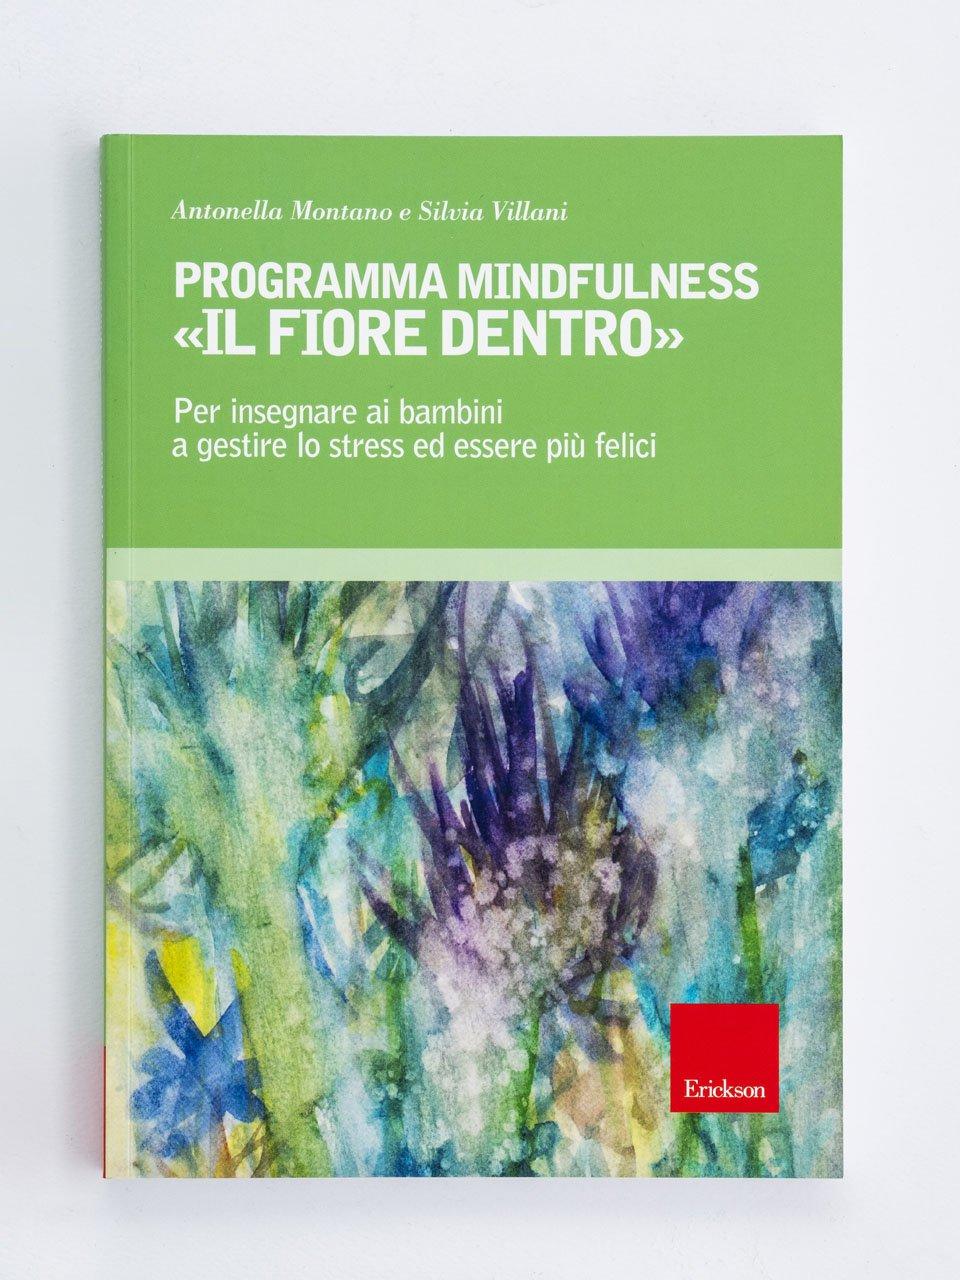 Programma Mindfulness - Assistere gli anziani - EVITARE STRESS INUTILI - Libri - Erickson